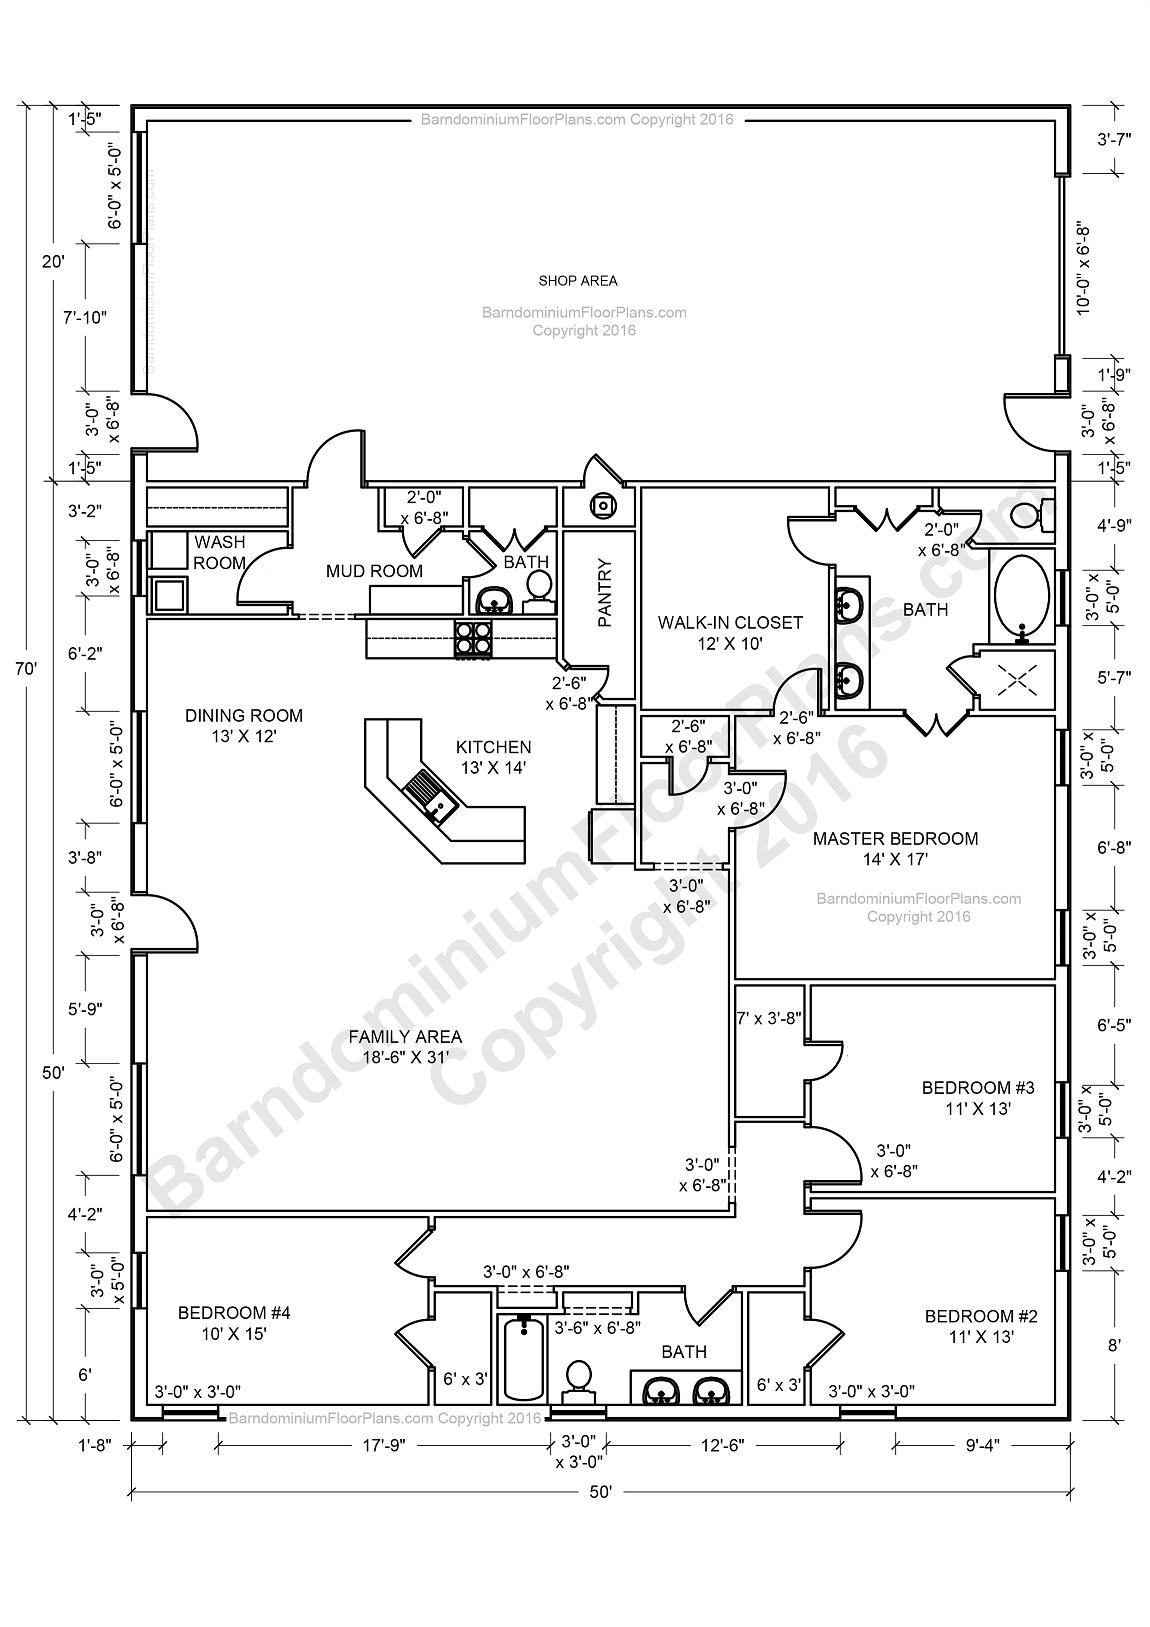 small resolution of barndominium floor plans barndominium floor plans 1 800 691 8311